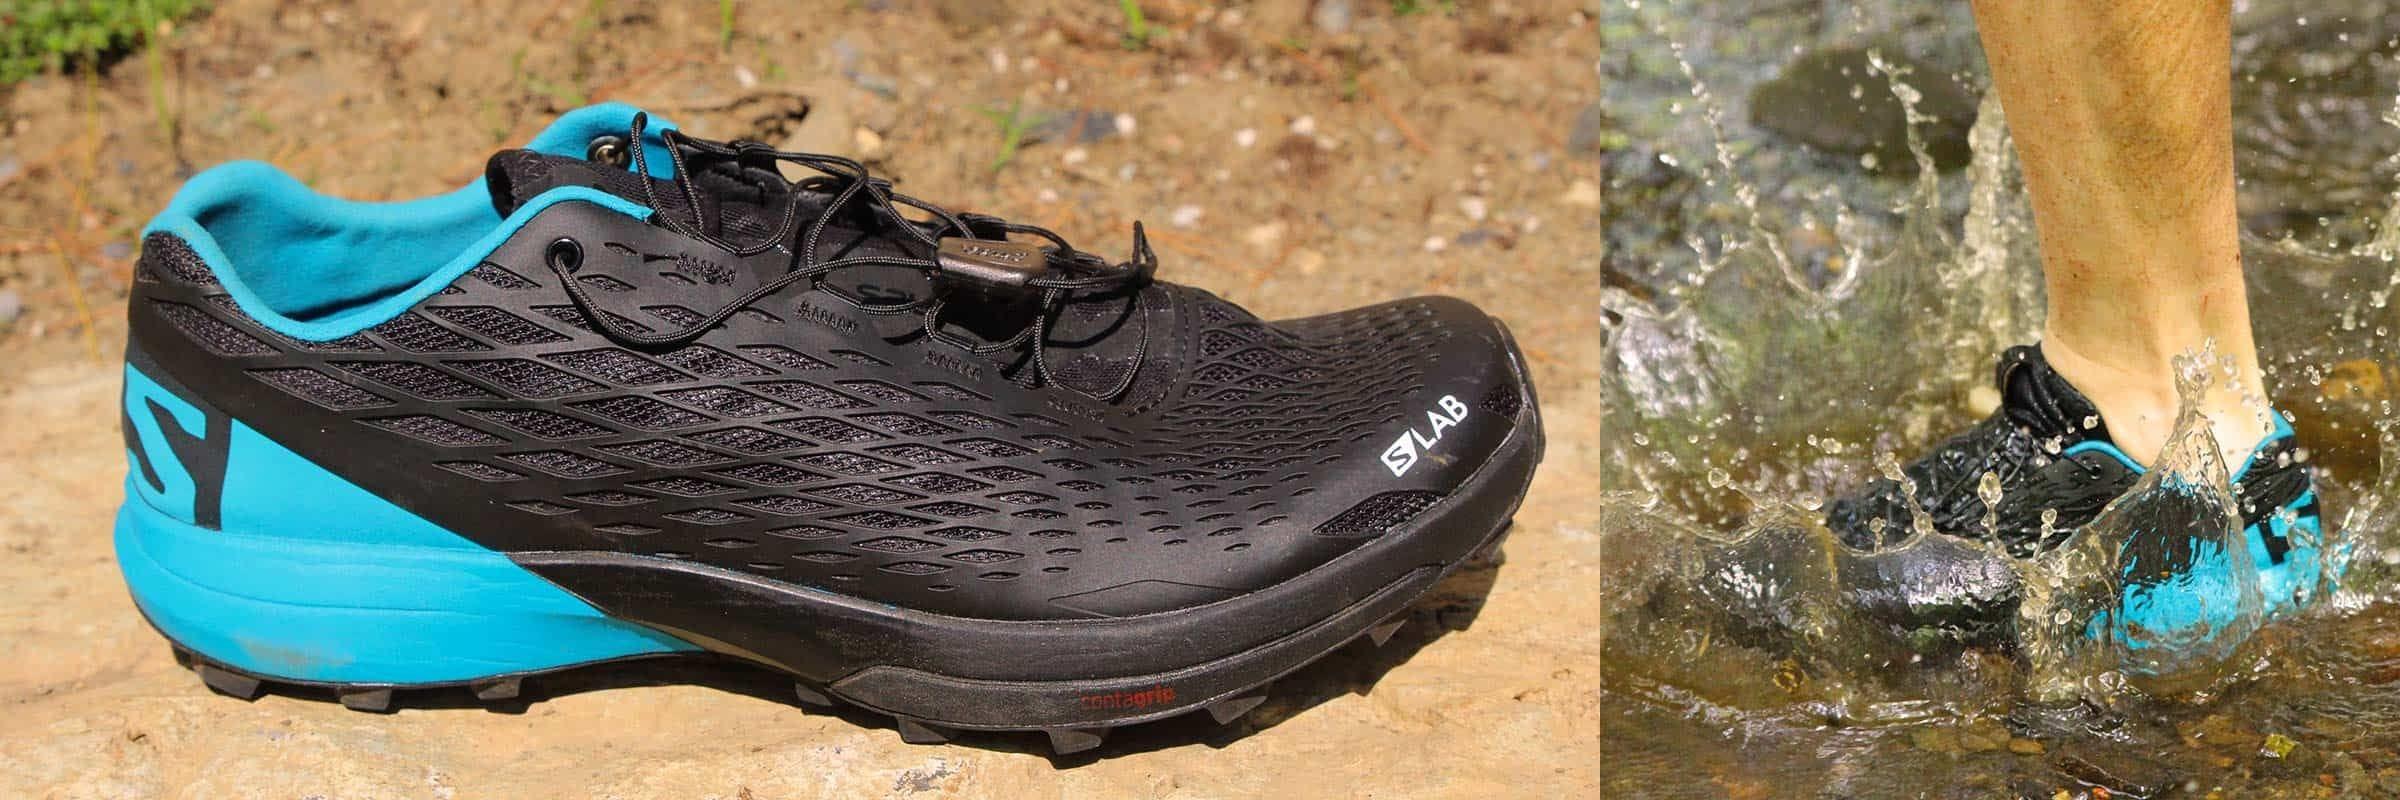 Salomon S-LAB XA Amphib Trail Running Shoe Review